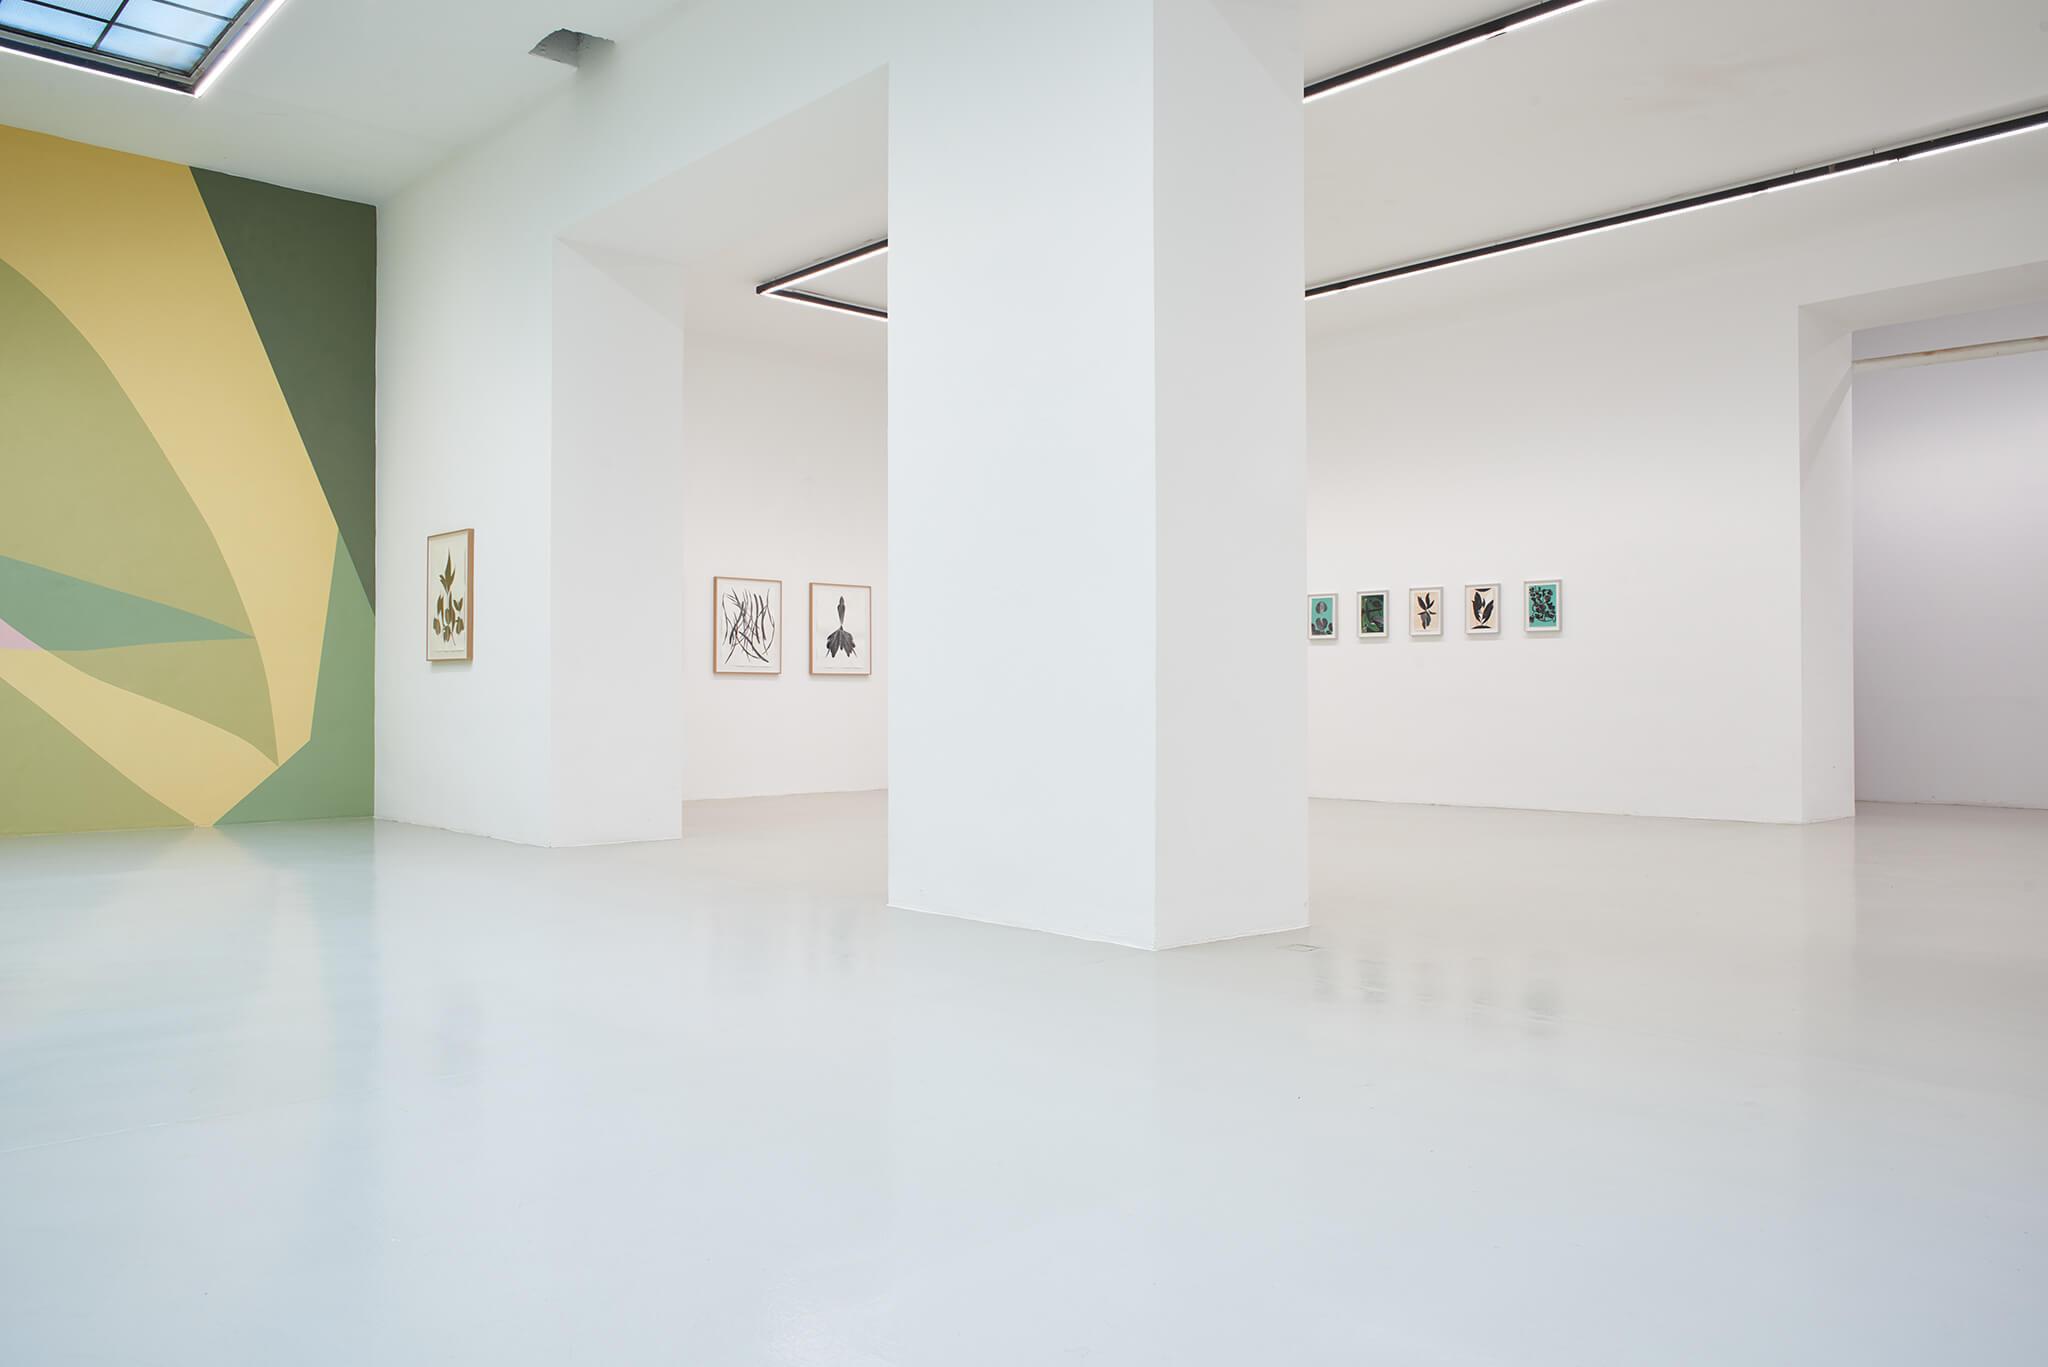 101_Frauke-Dannert_Collage_Ausstellung_Folie_Galerie-Lisa-Kandlhofer_Wien_2018